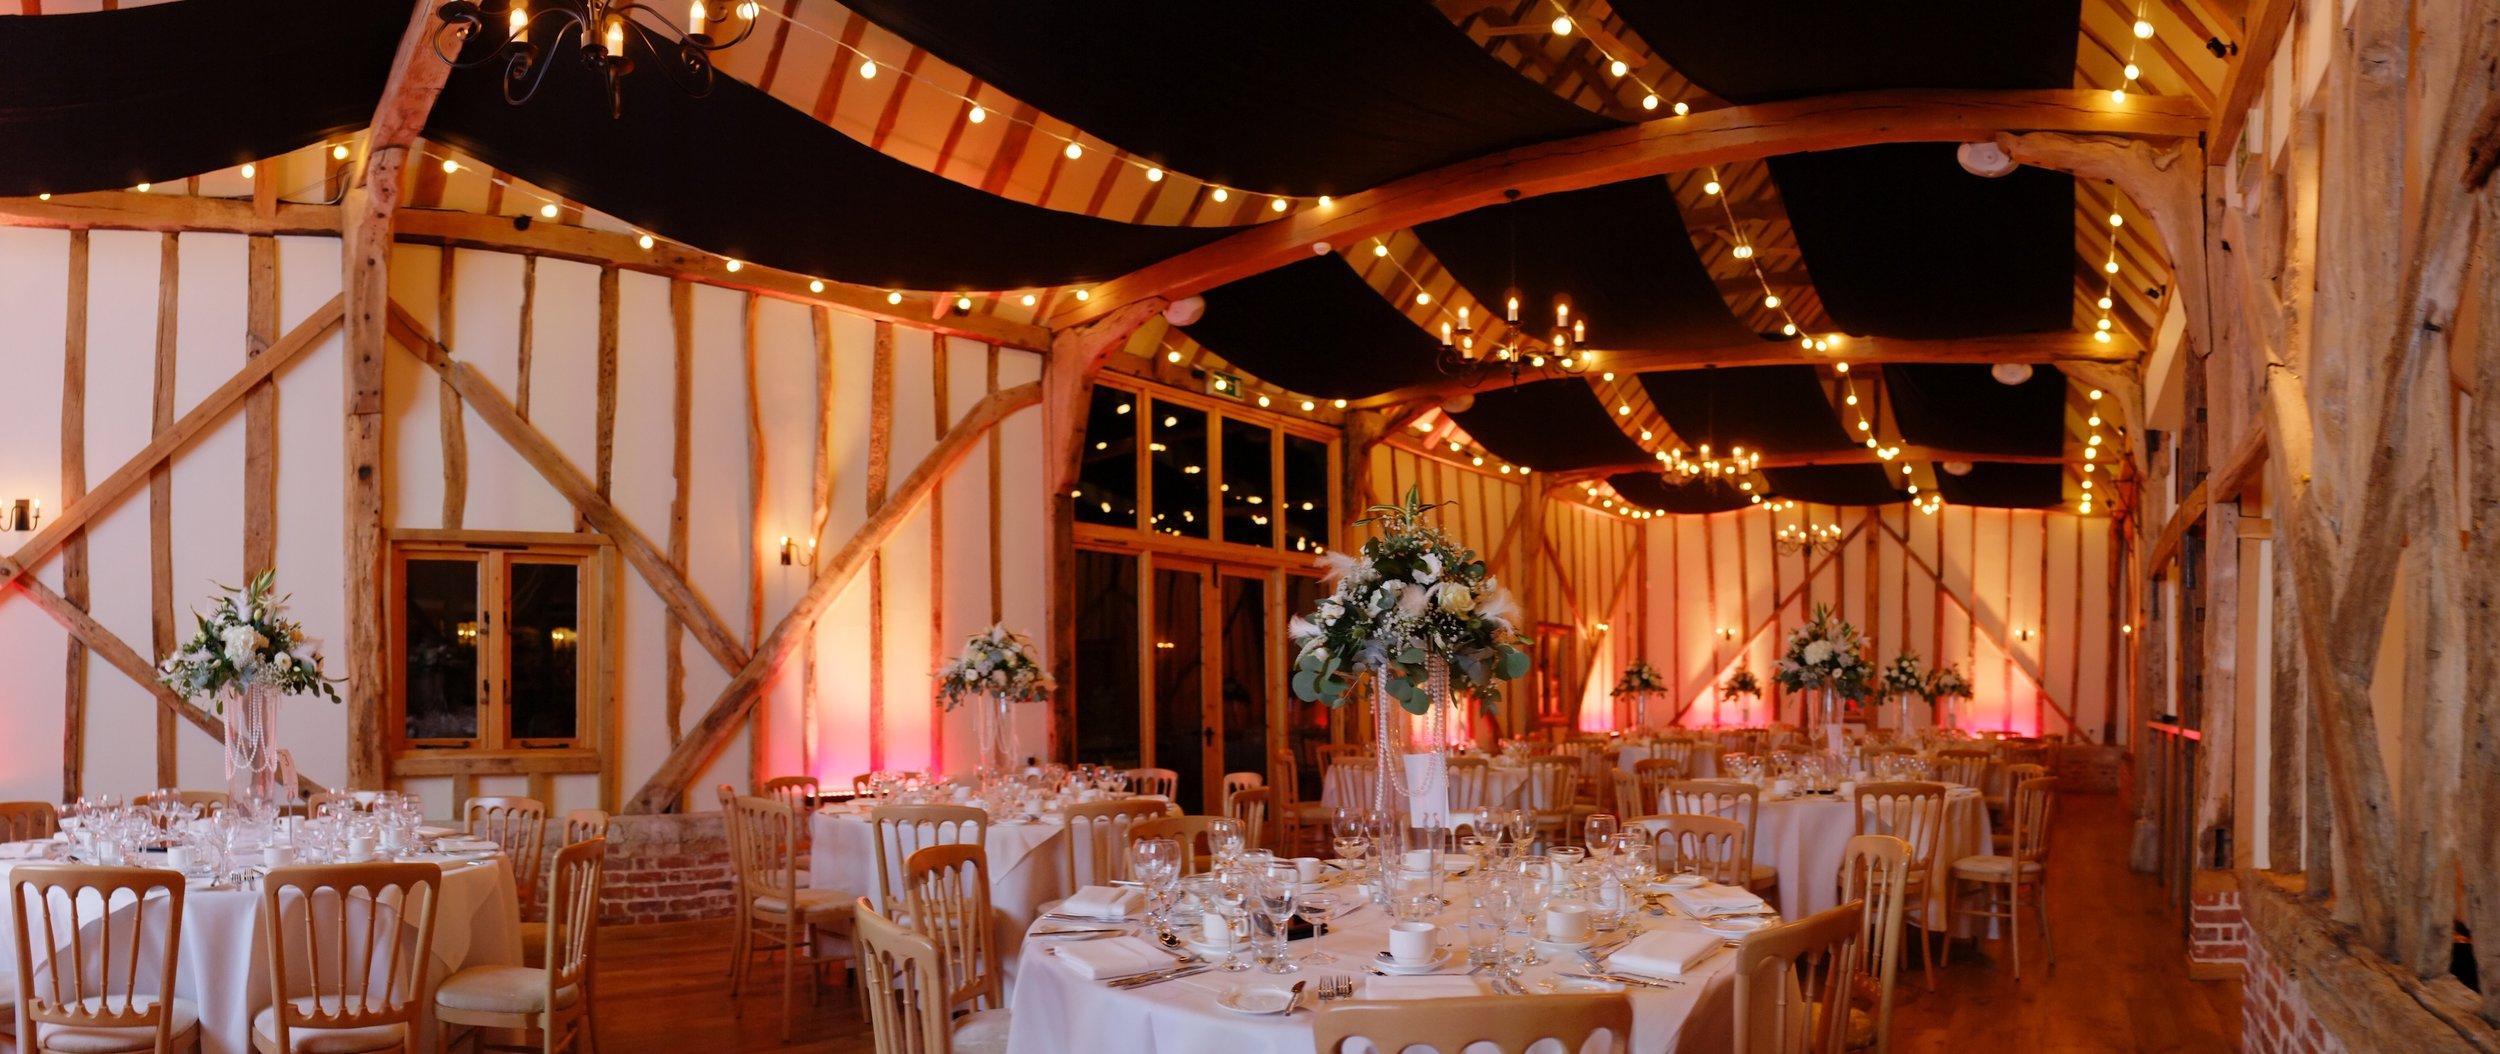 Banqueting Hall 2 - small .jpg